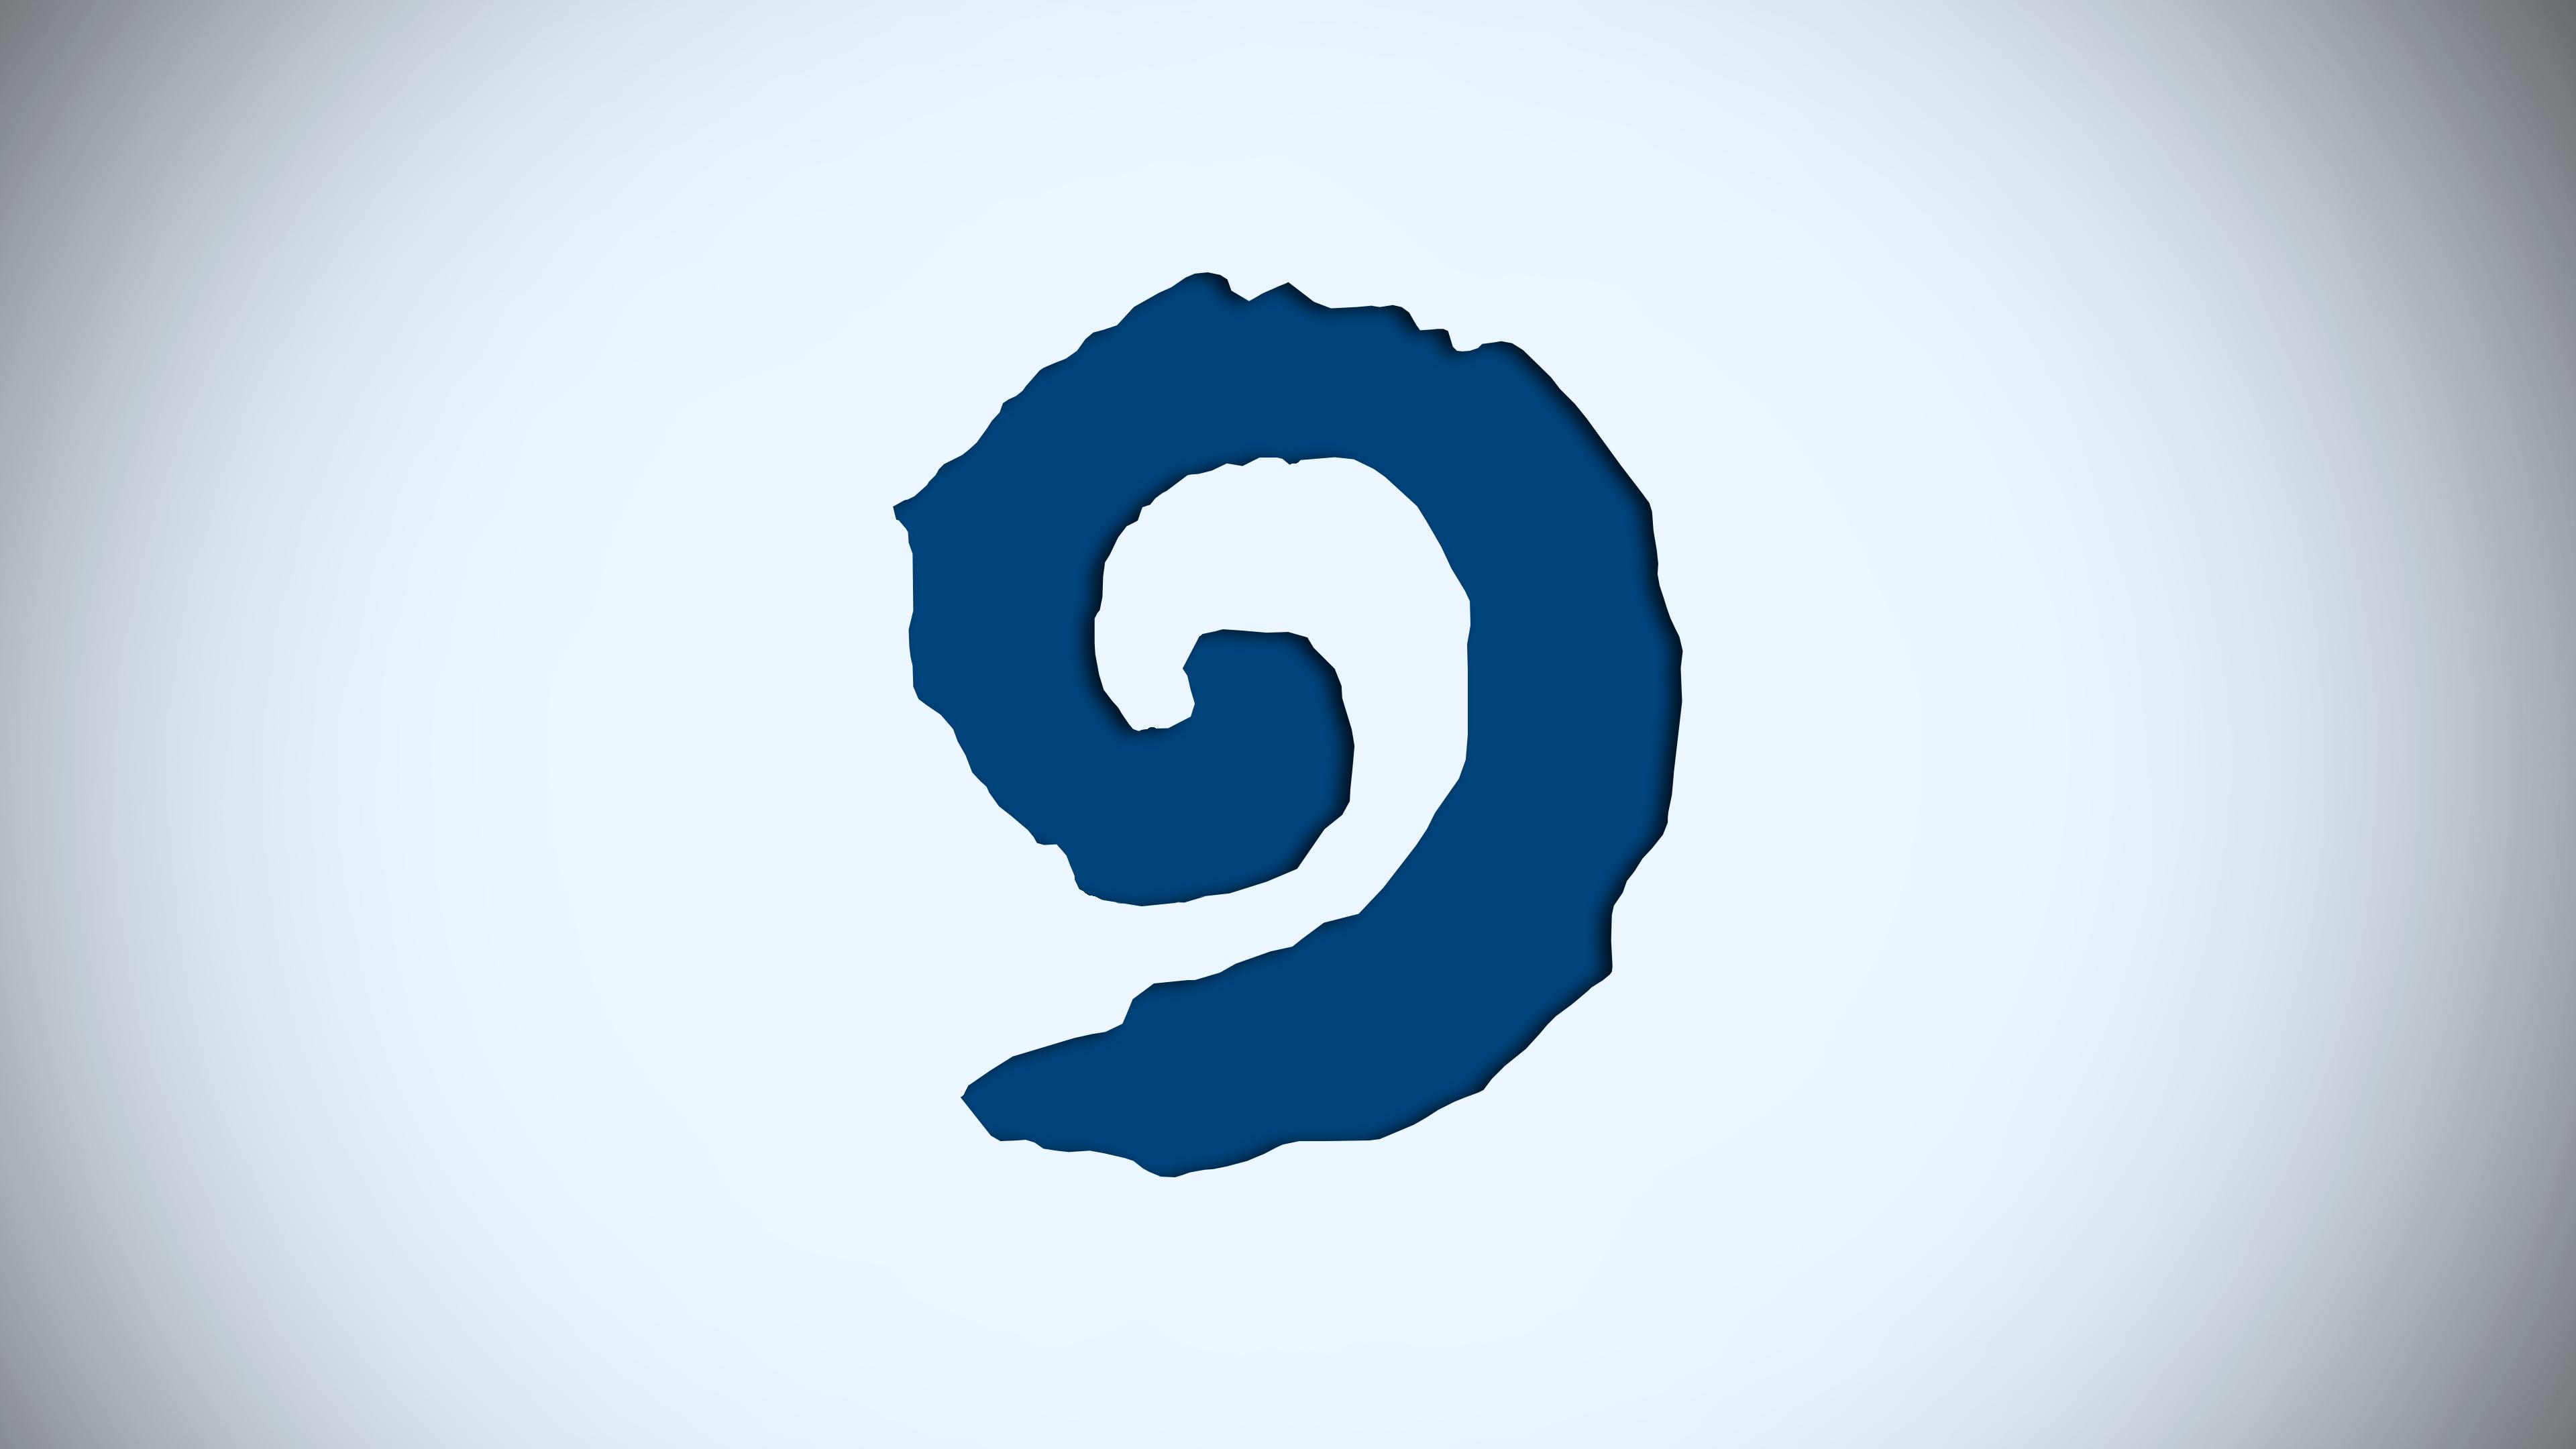 Hearthstone Logo By Atroxcze On Deviantart 2,379,731 likes · 1,096 talking about this. hearthstone logo by atroxcze on deviantart